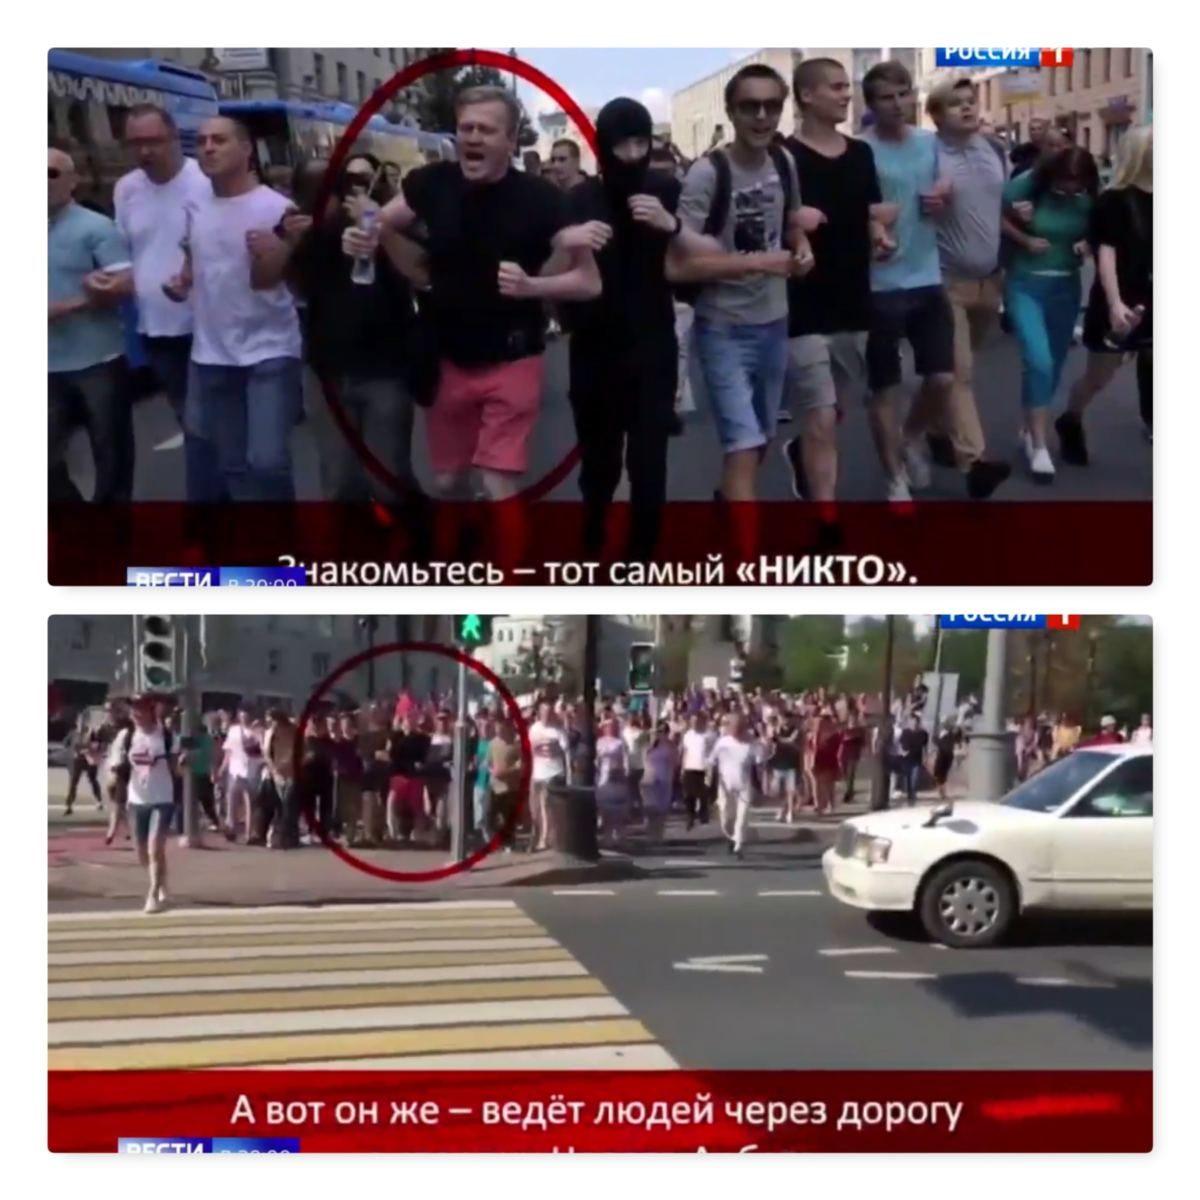 Deutsche Medien melden, Russland wolle Demonstranten das Sorgerecht entziehen